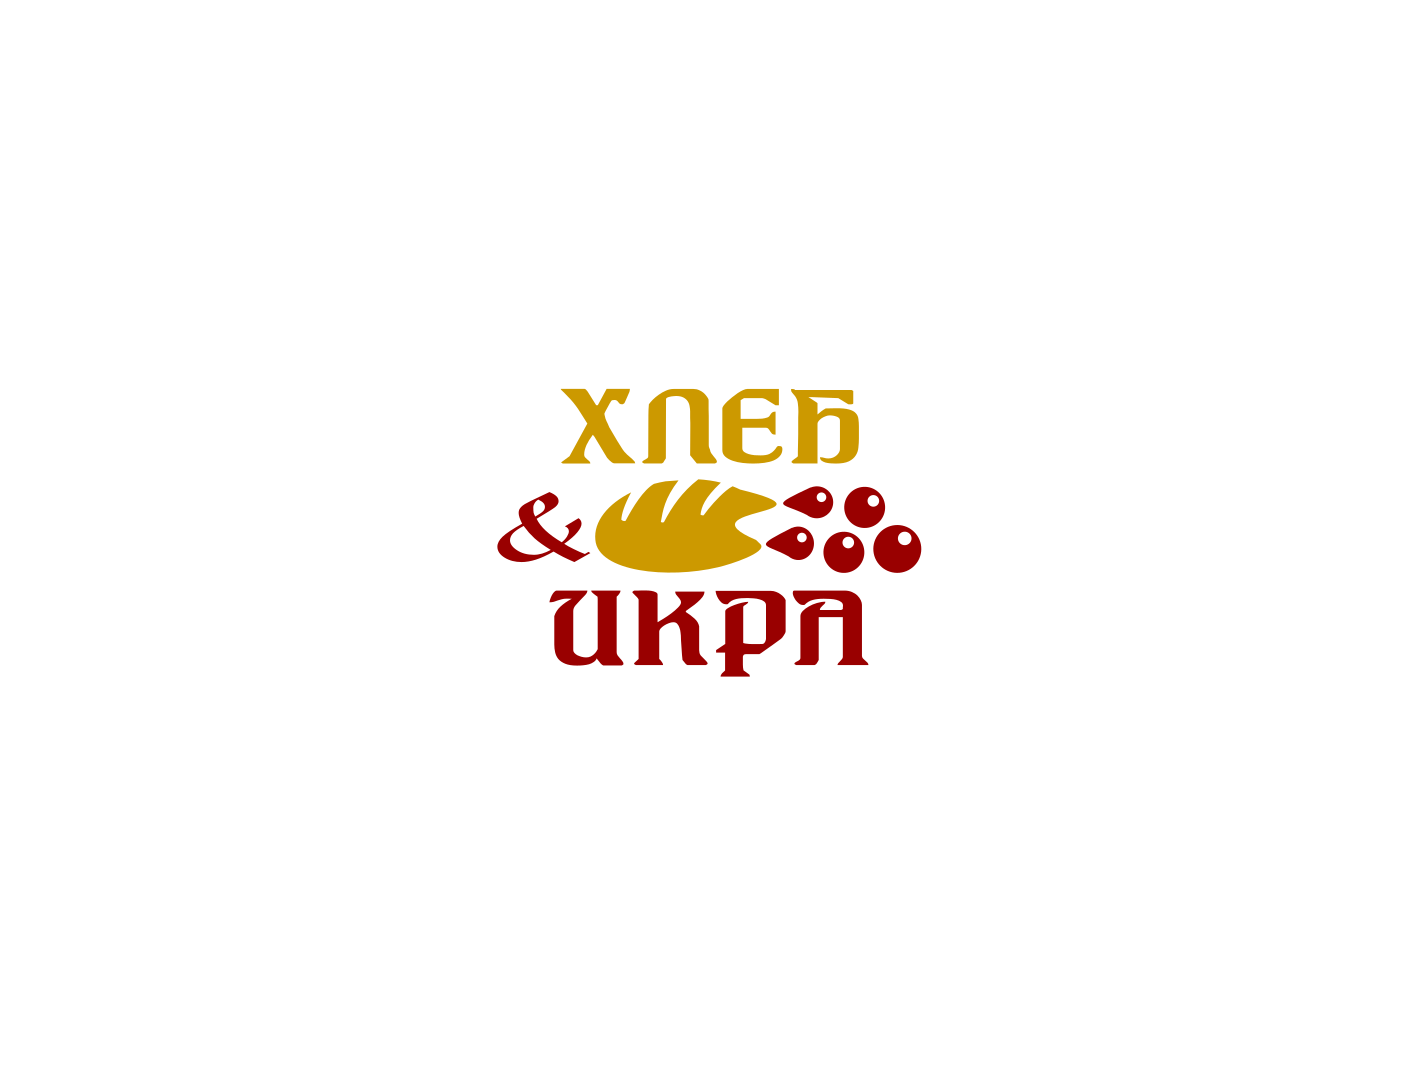 Разработка логотипа (написание)и разработка дизайна вывески  фото f_3355d7d042588d85.png